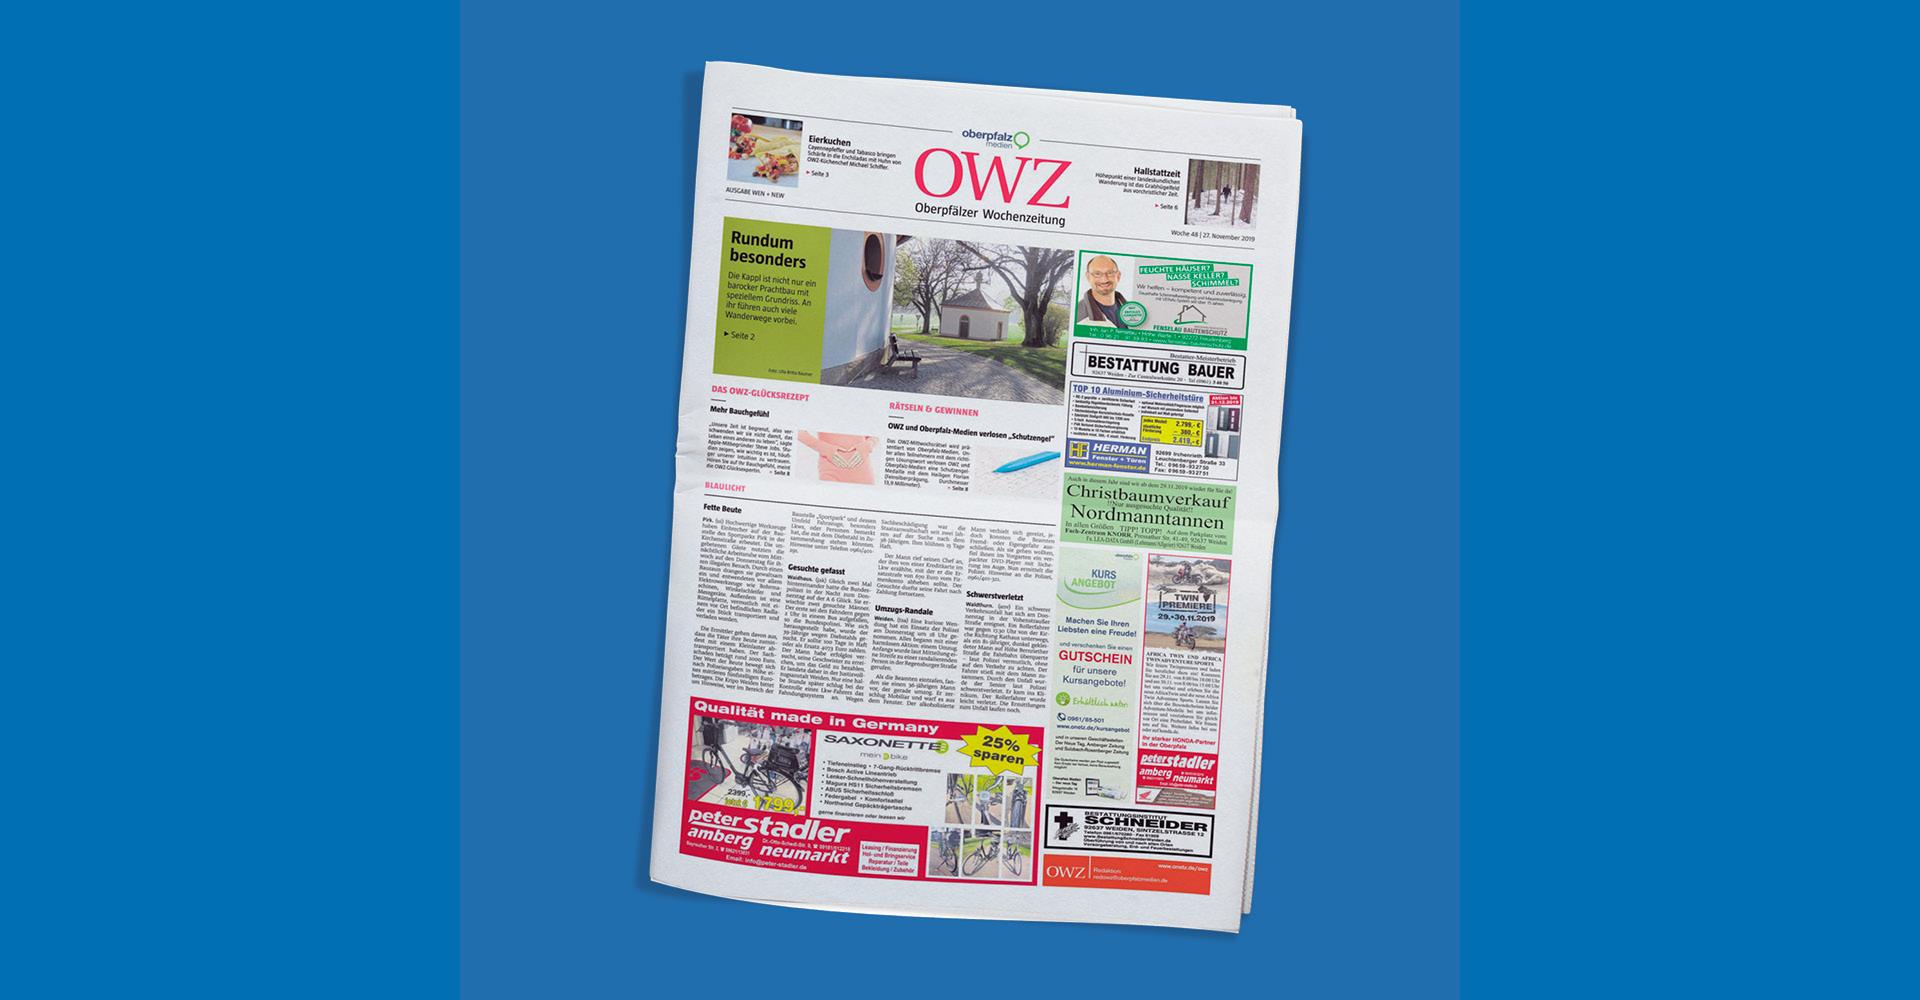 Ansicht des Titelblatts einer Ausgabe der OWZ – Oberpfälzer Wochenzeitung.